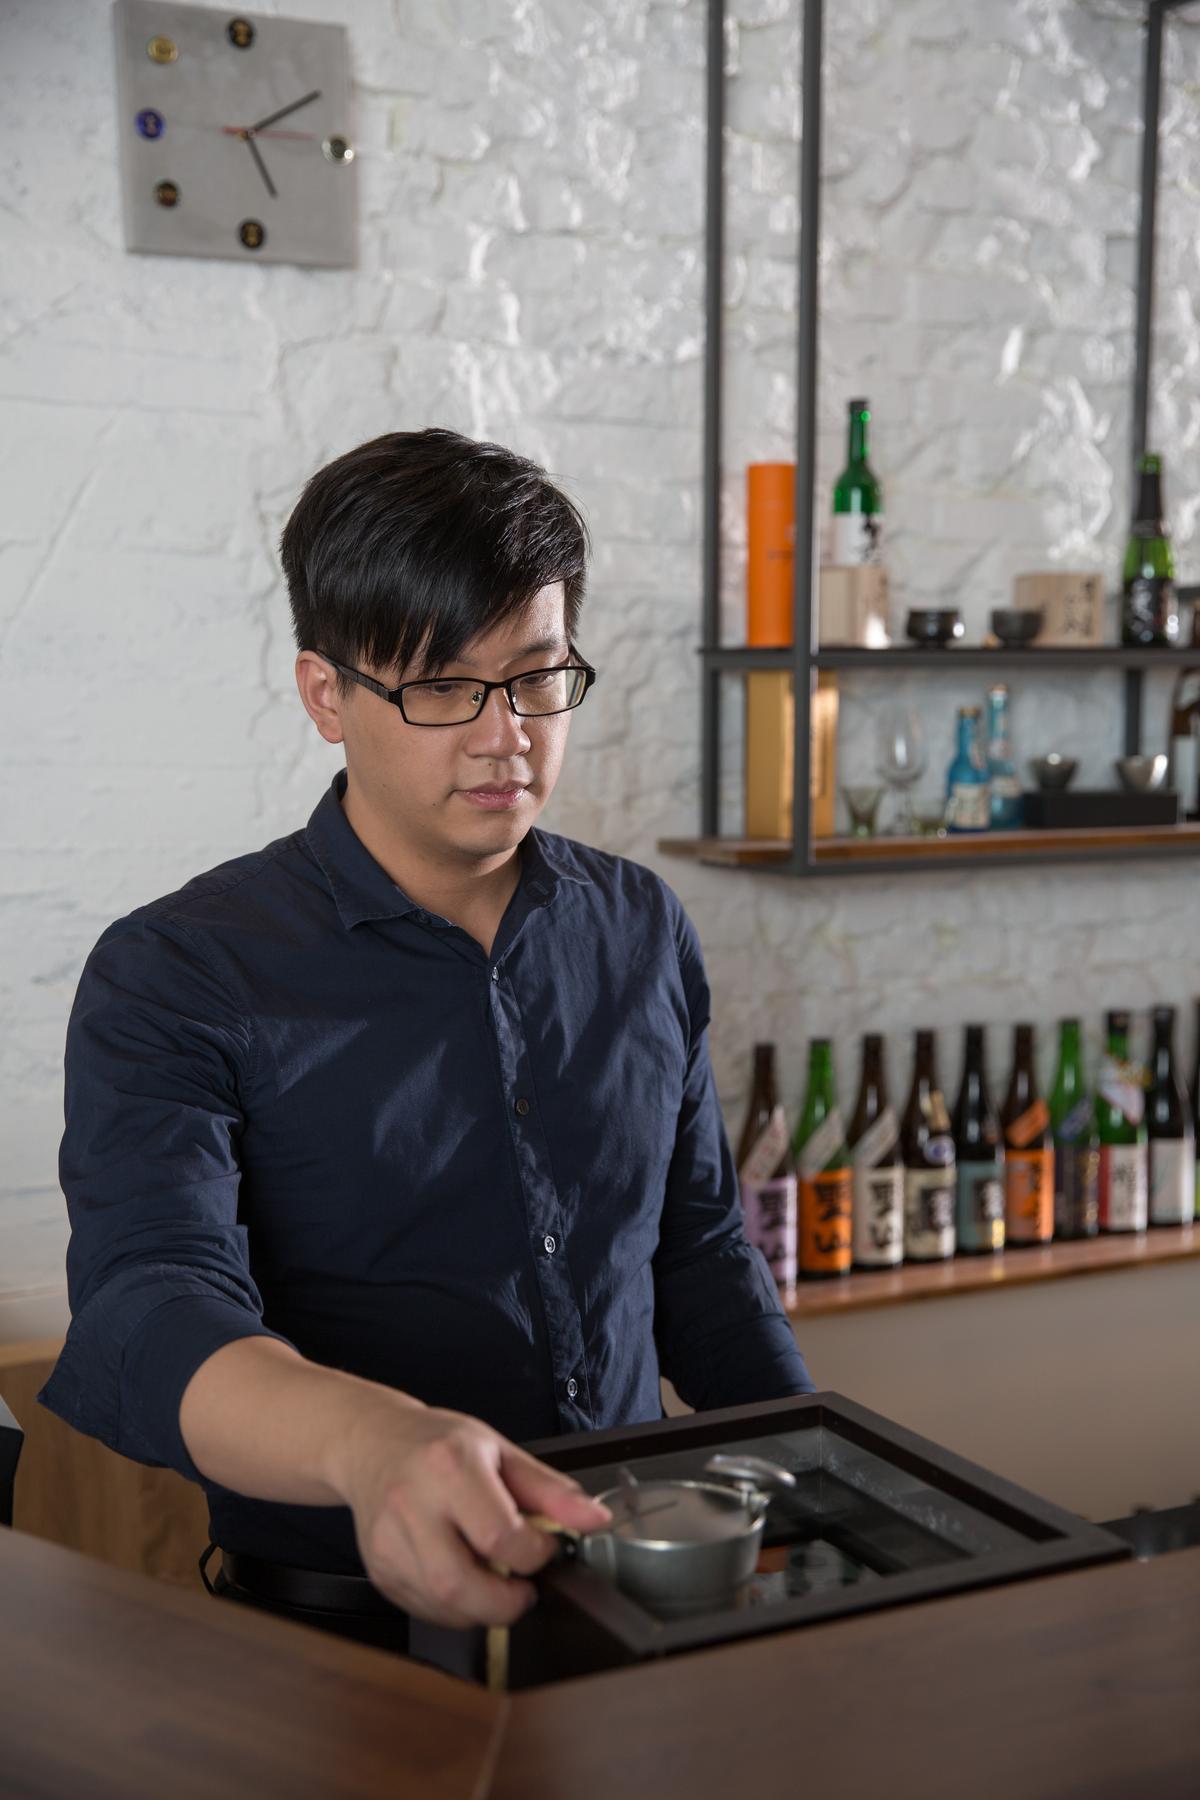 這裡除了提供冰鎮清酒,也有溫清酒,像吧檯內的錫壺溫酒器,錫壺加熱速度快,也讓酒質呈現較滑順口感。